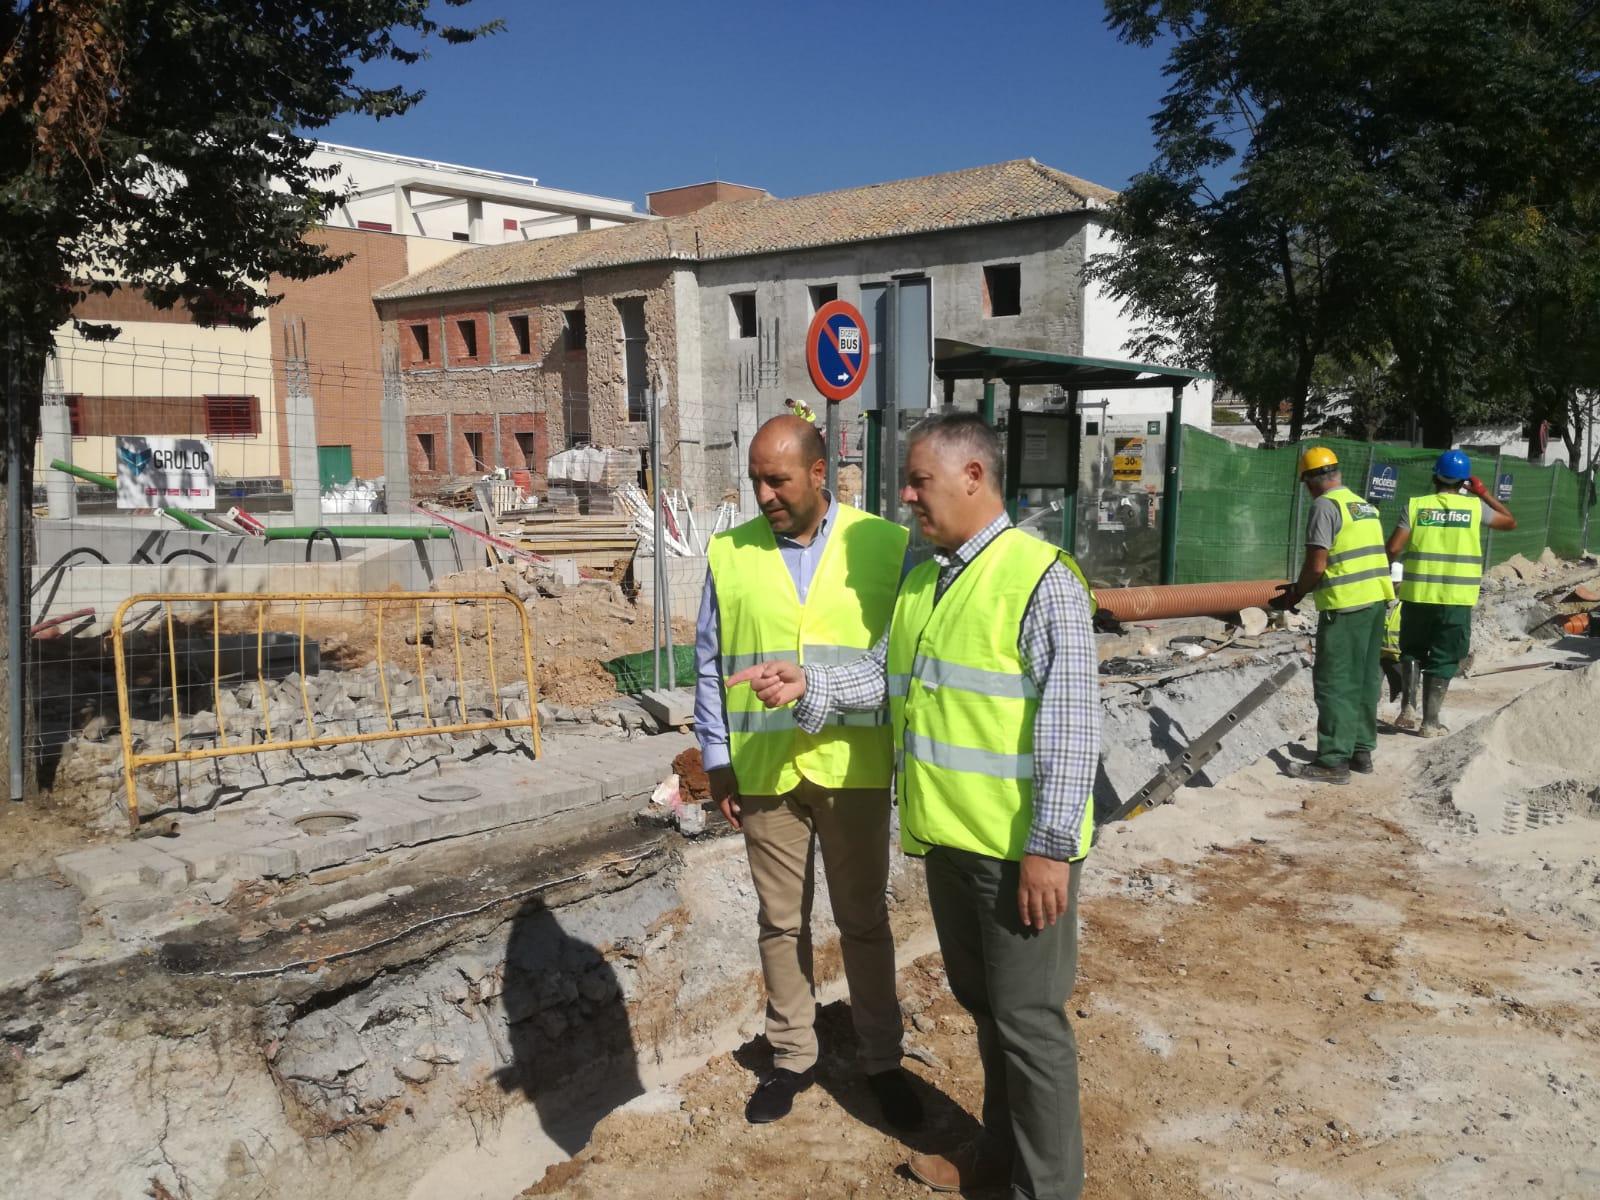 Diputación invierte más de 400.000 euros en la renovación de la calle principal de Otura